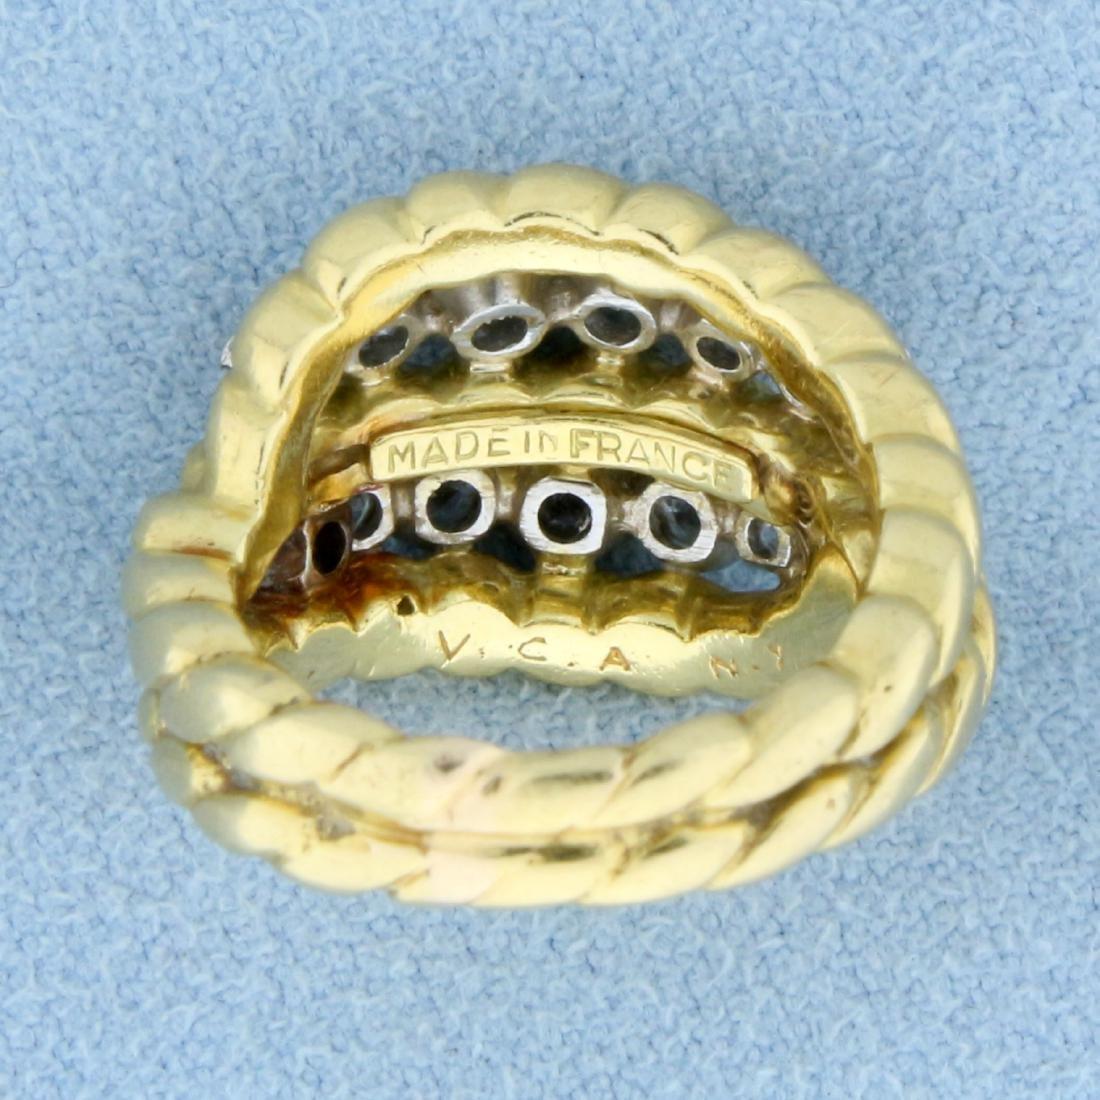 Vintage Van Cleef & Arpels 1ct TW Diamond Ring in 18k - 4